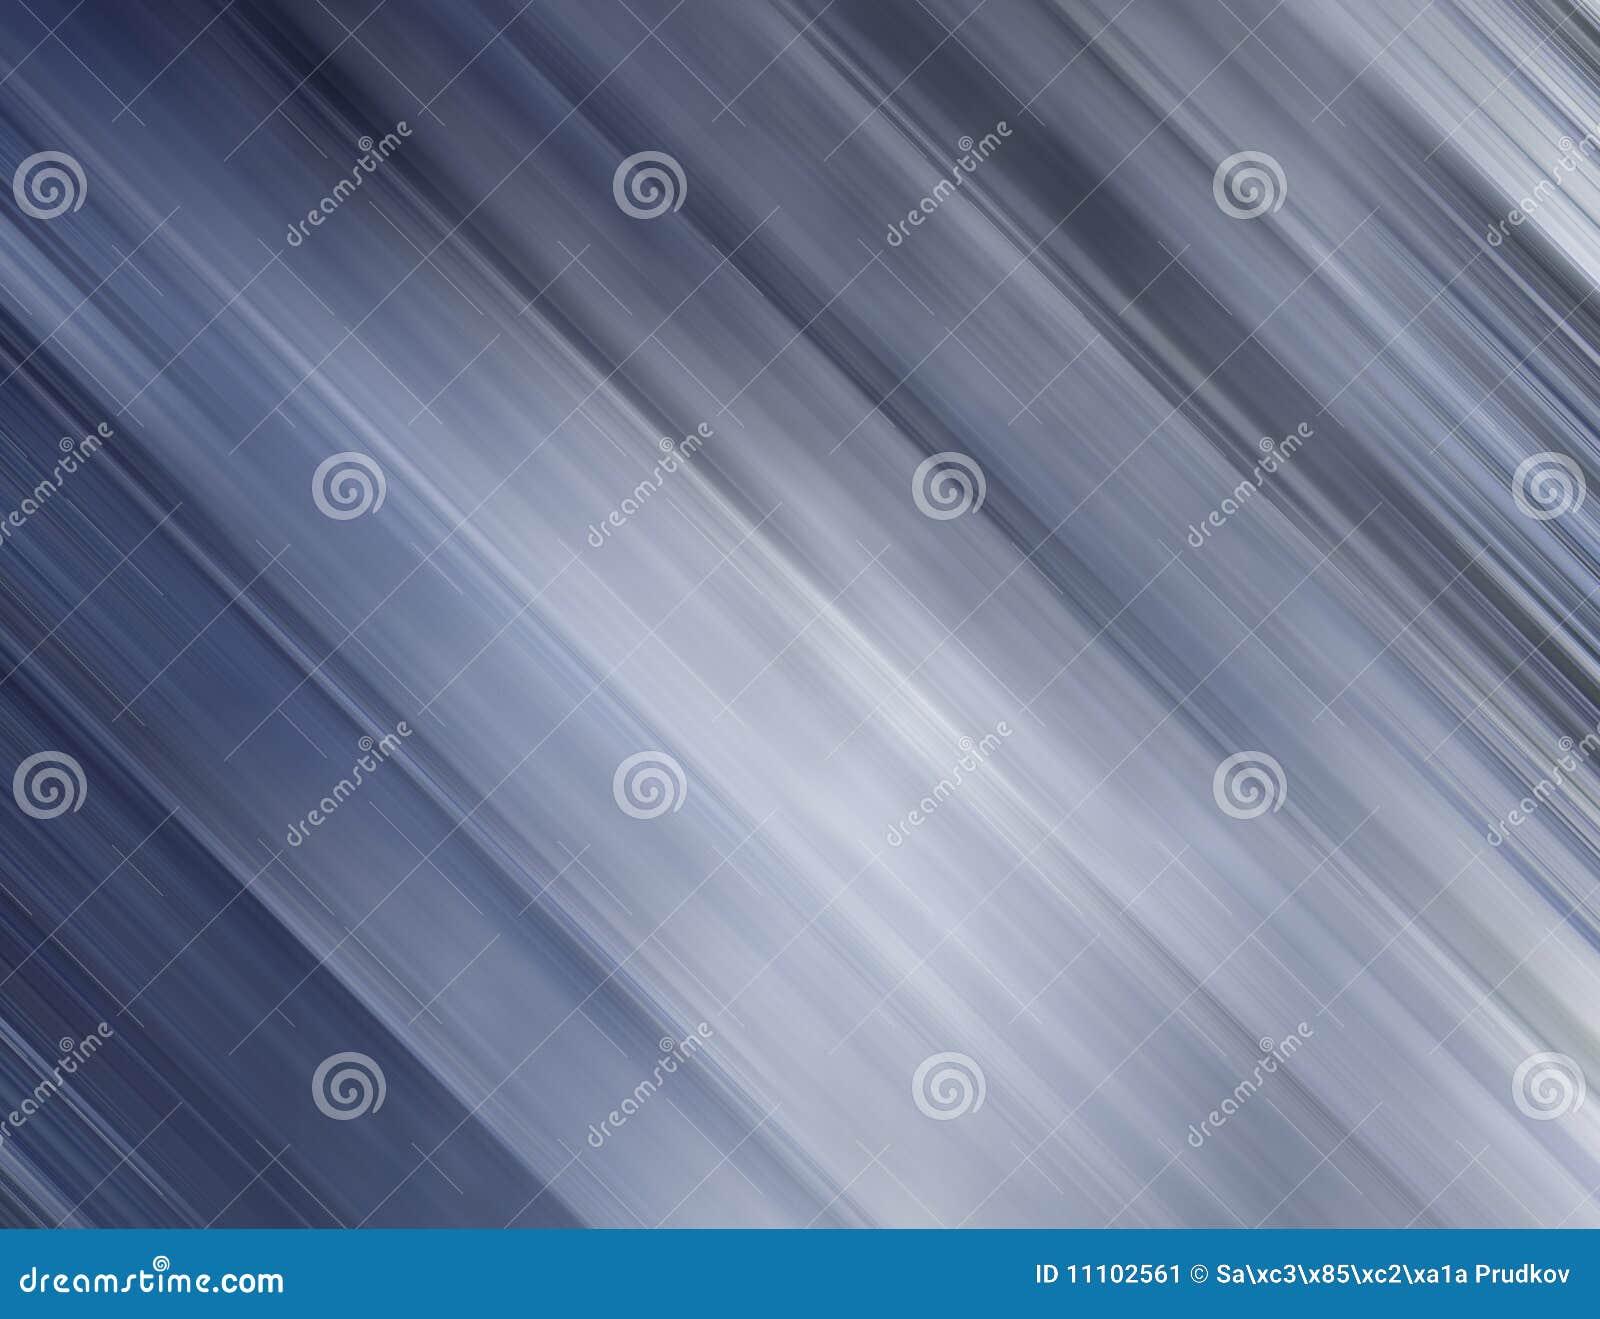 Abstrakter undeutlicher Hintergrund gebildet von den diagonalen Zeilen